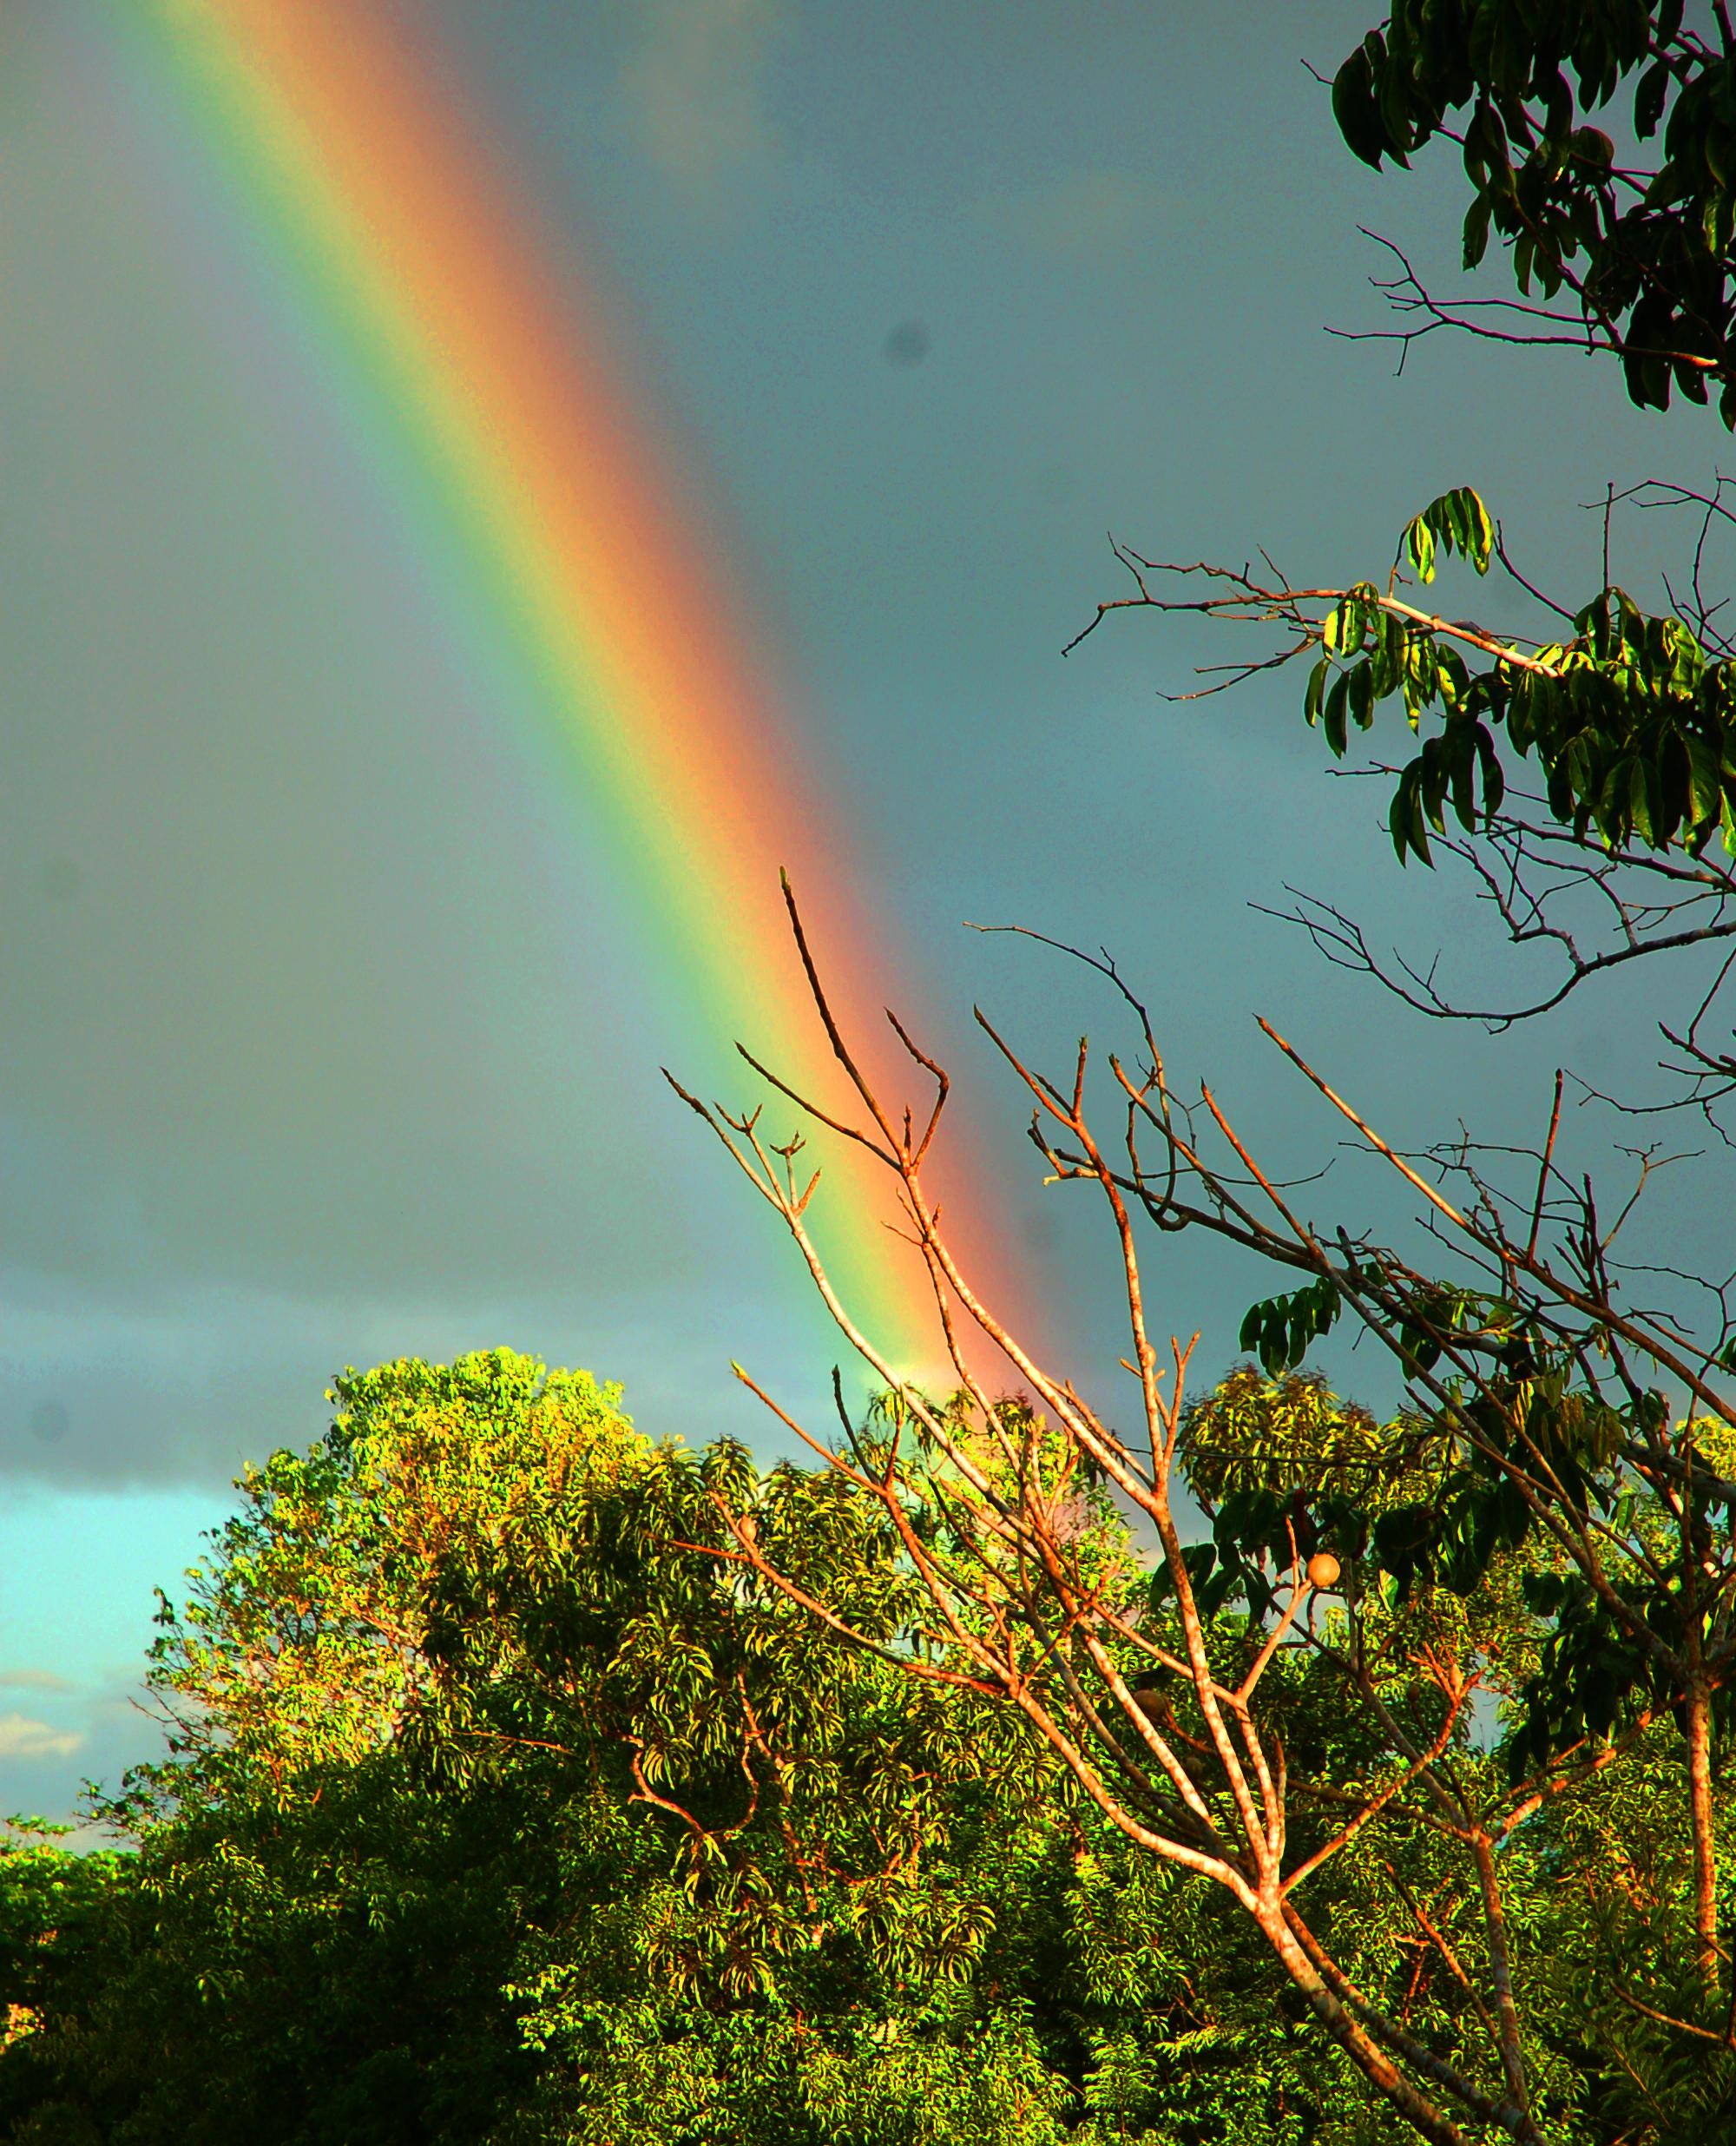 Amazon: Rainforest Conservation Fund